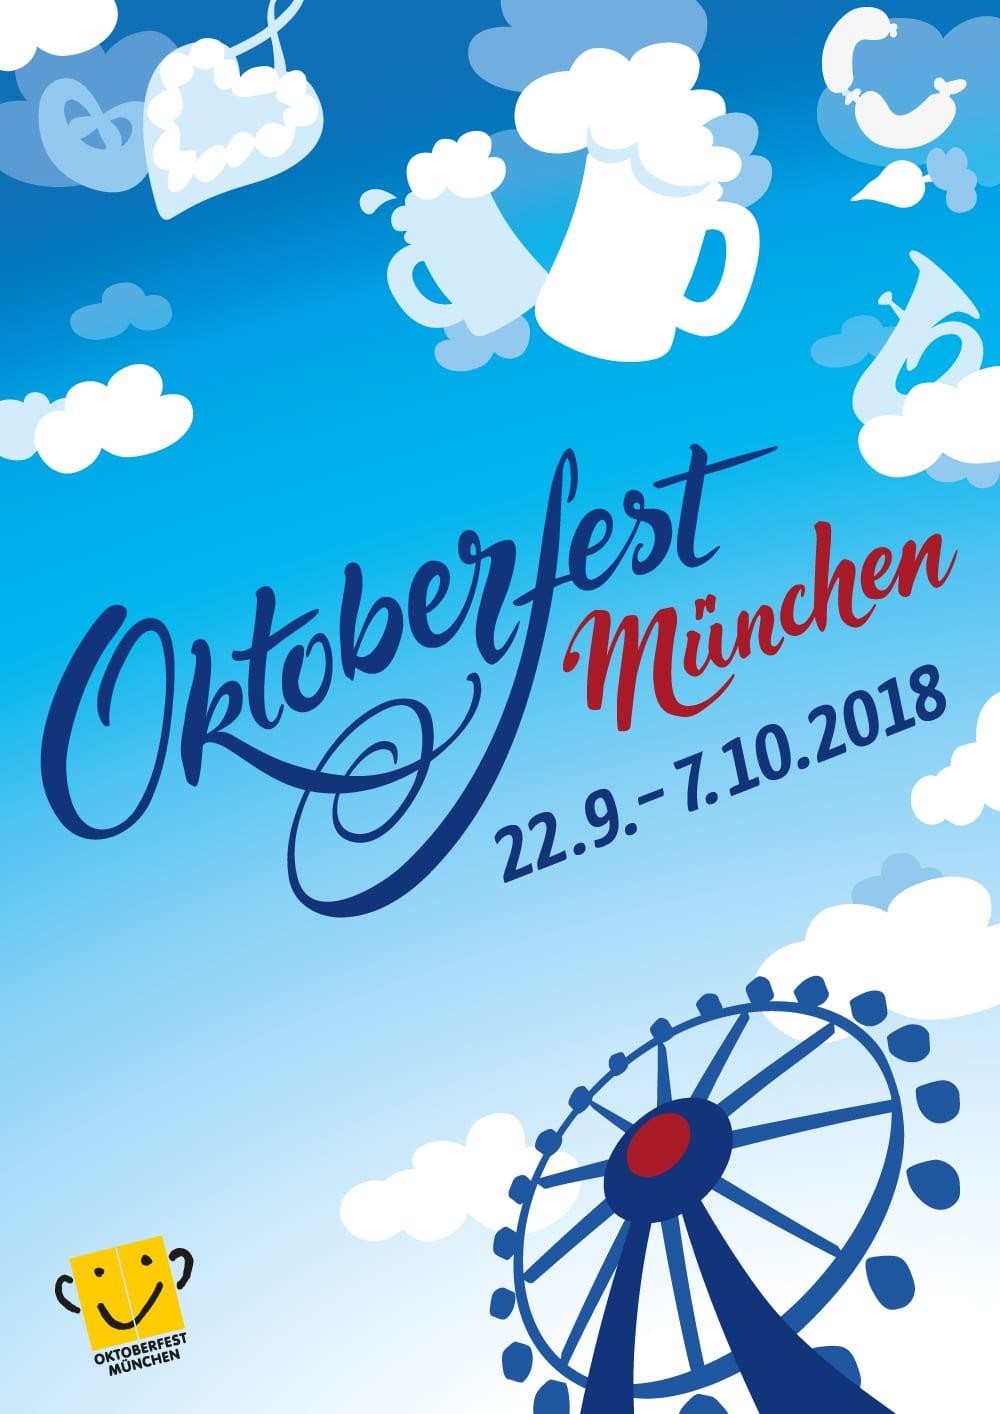 Oktoberfest 2018 – auf gehts zur Wiesn